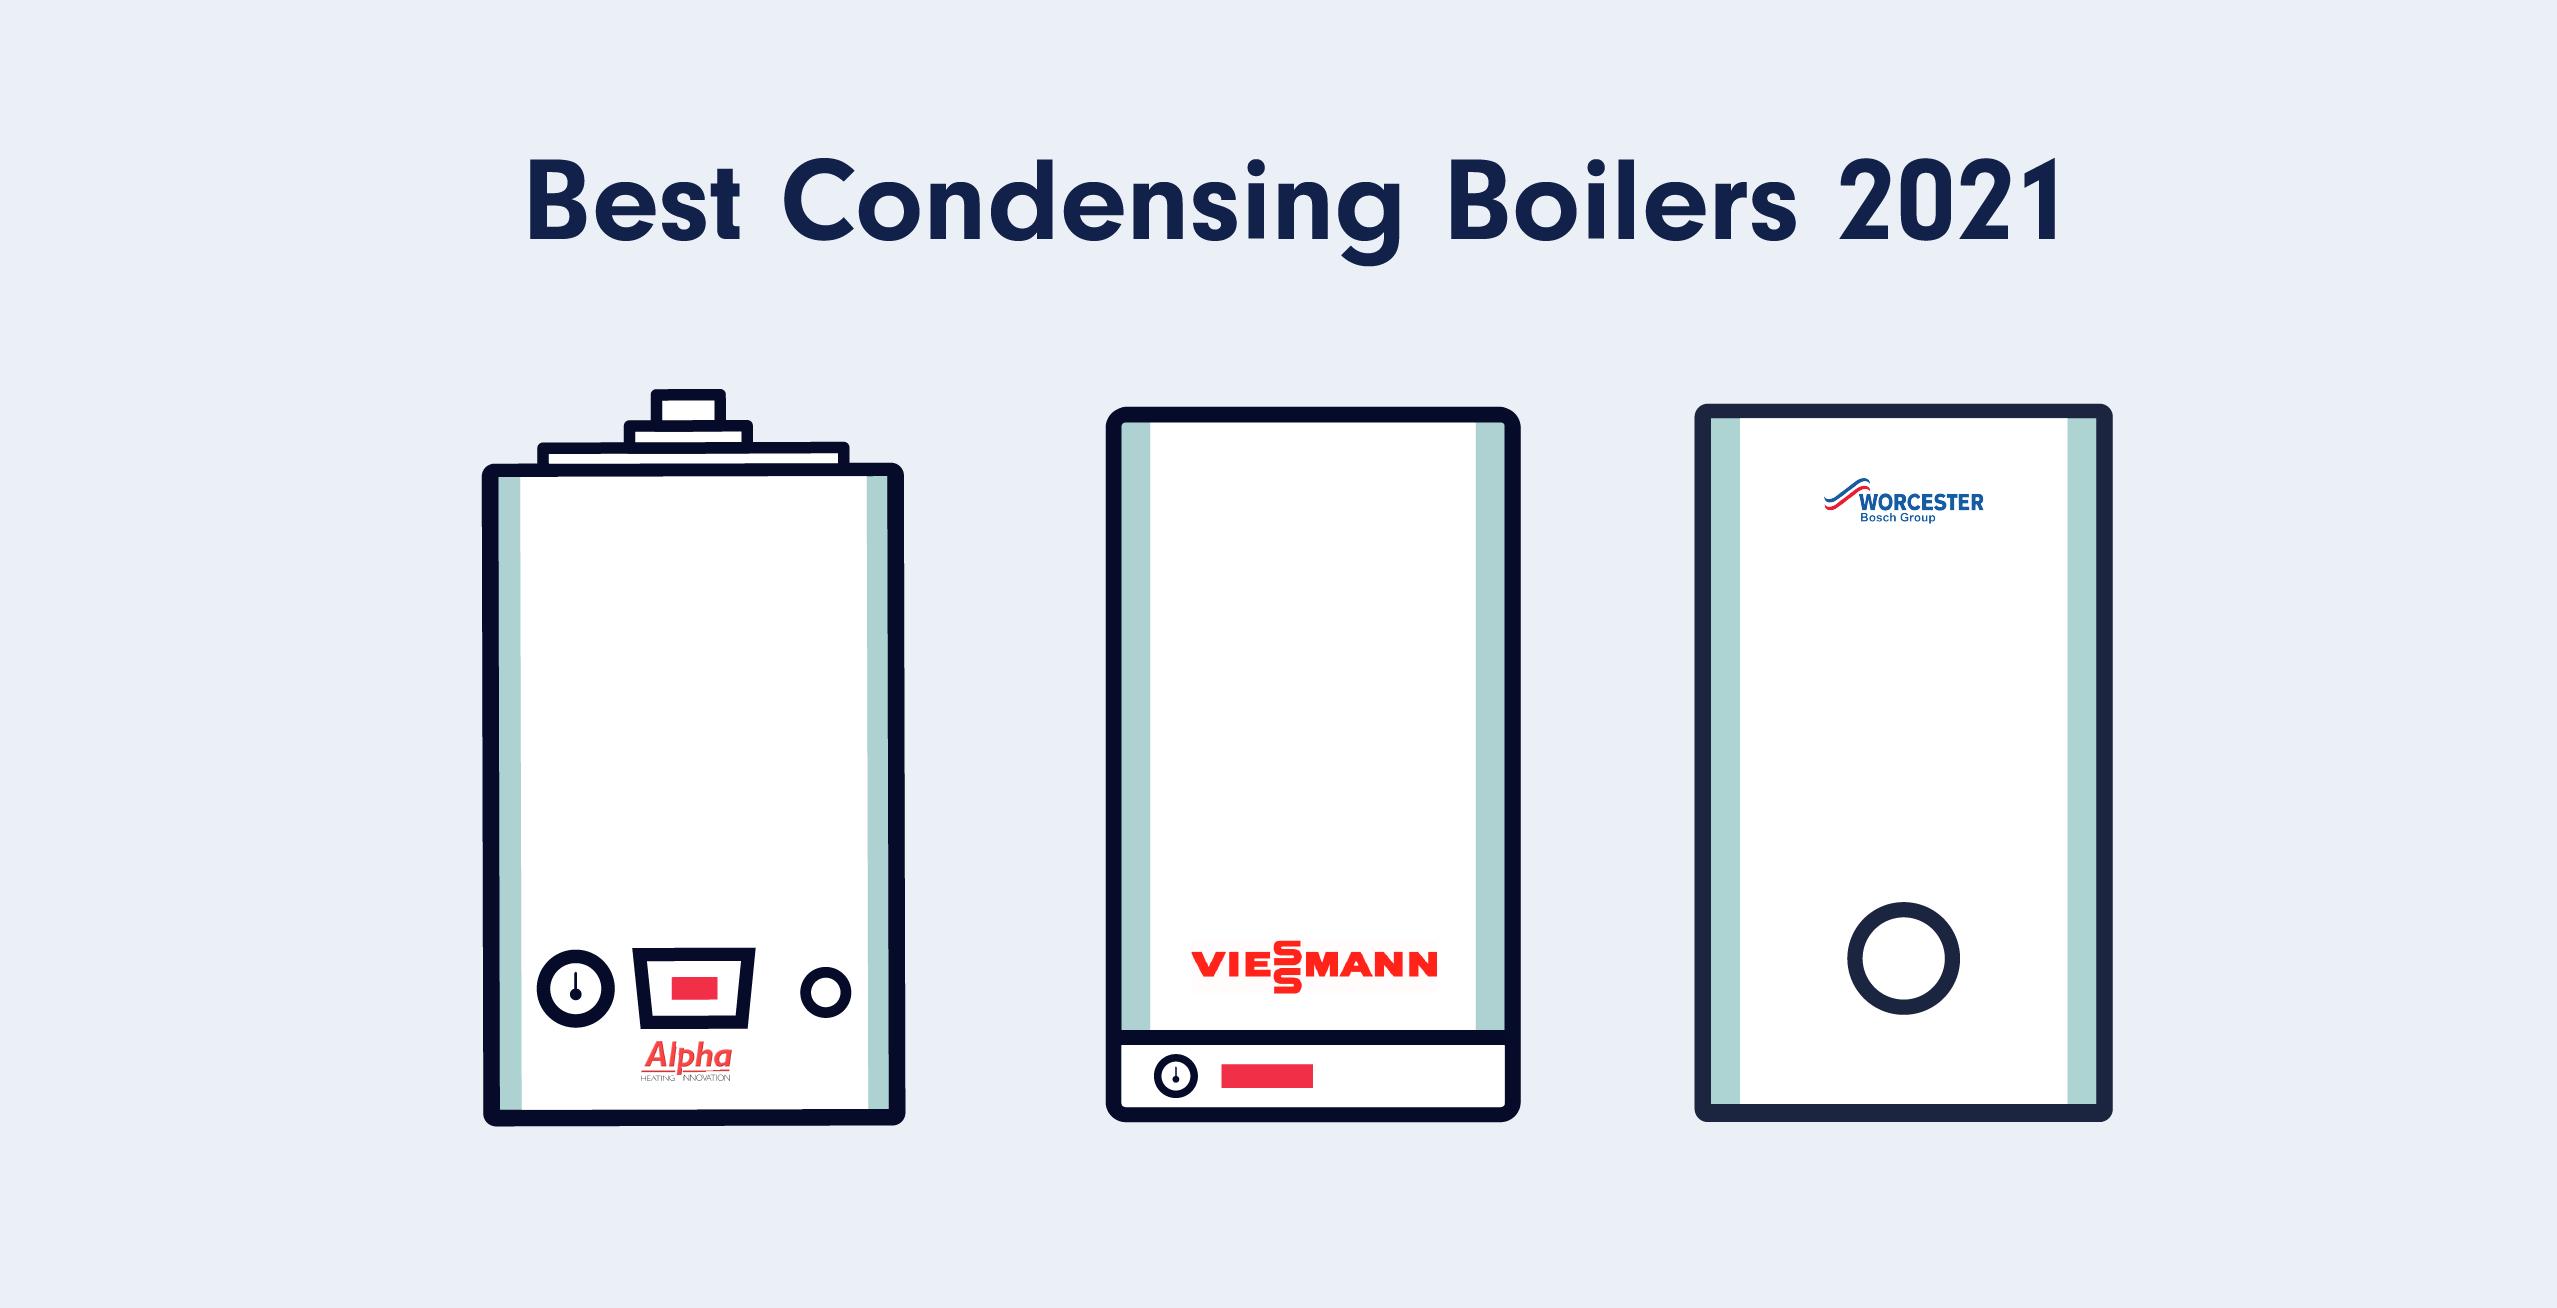 Best Condensing Boilers 2021